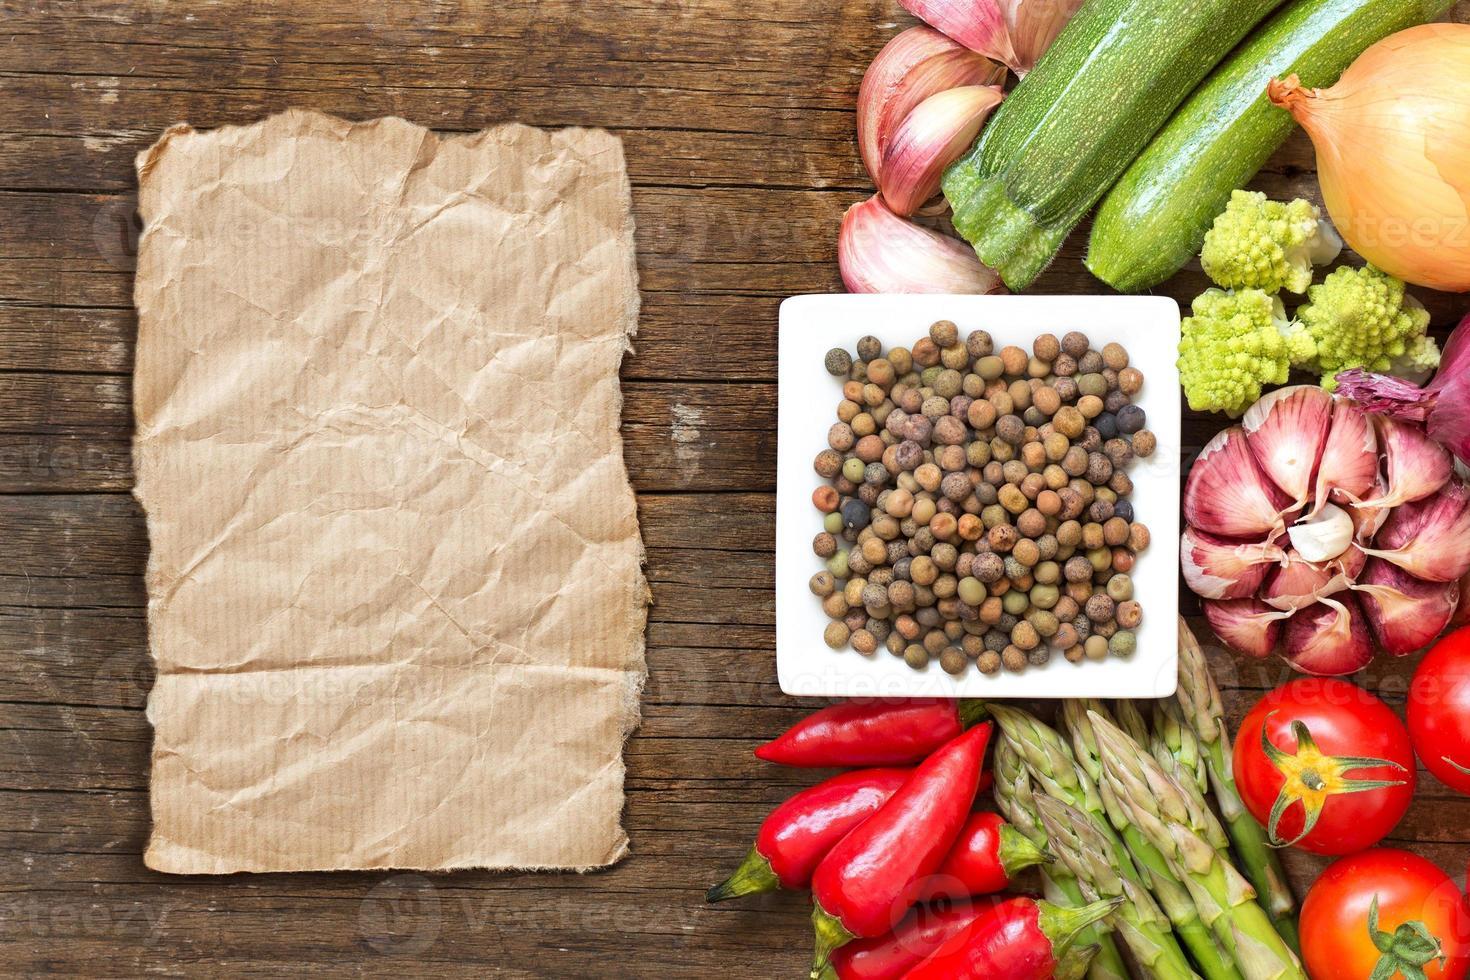 haricots et légumes roveja biologiques crus photo